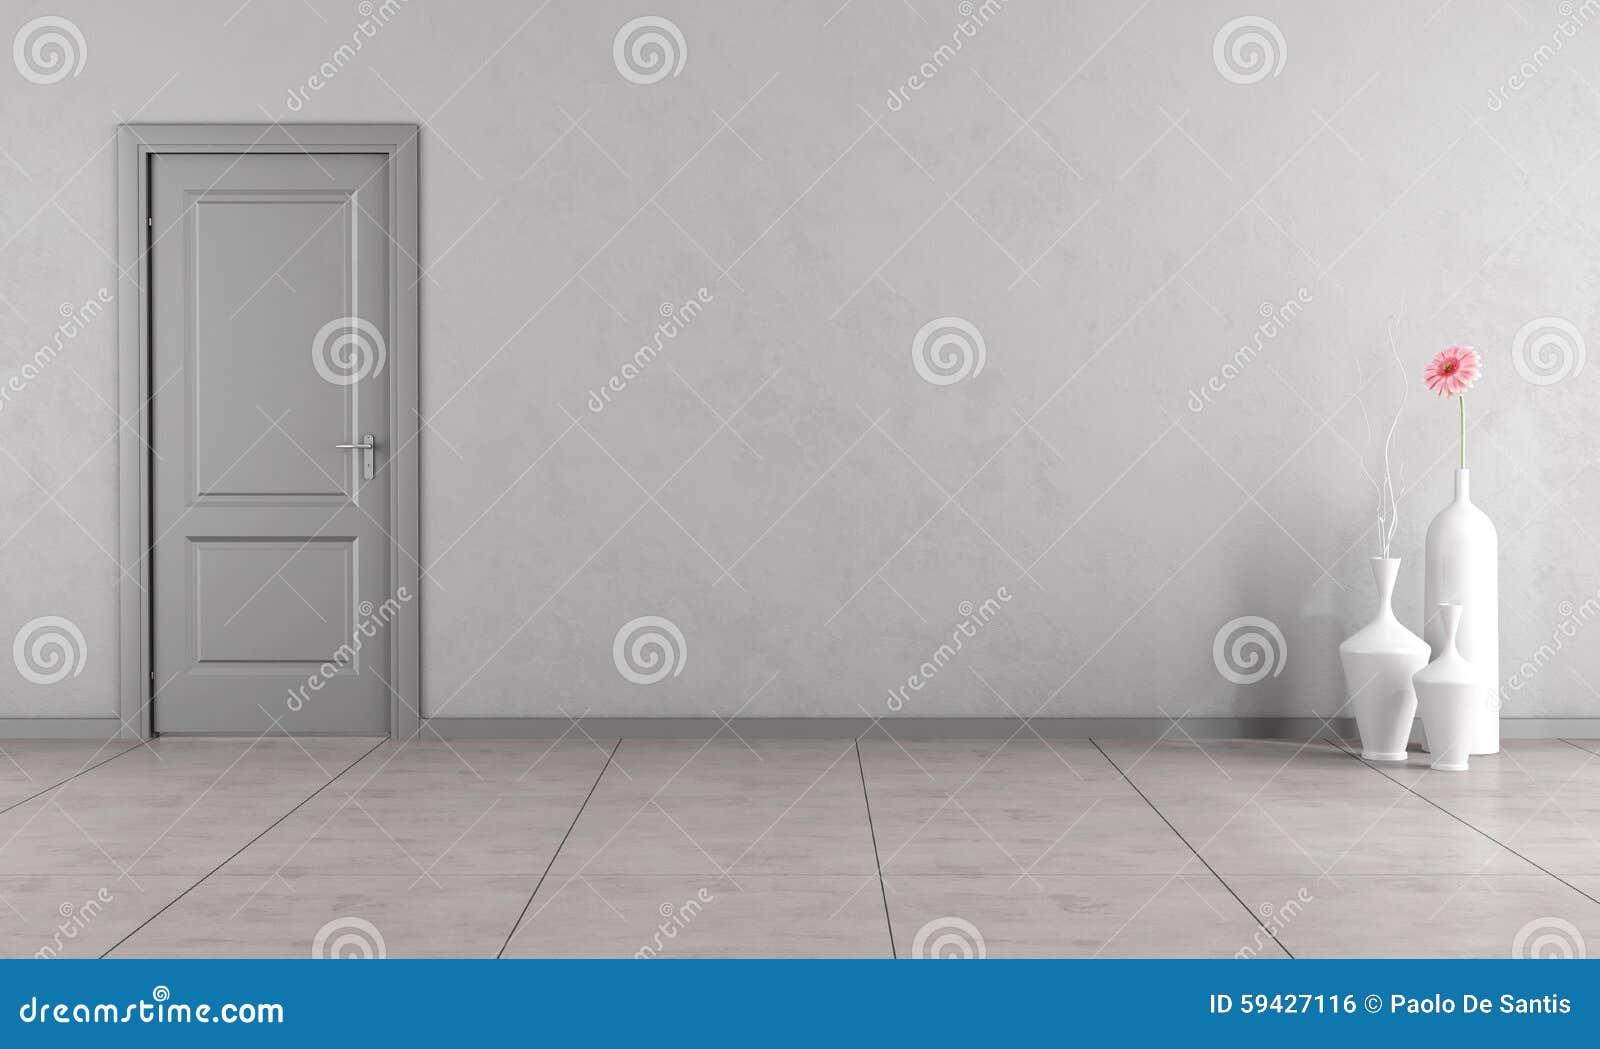 pi ce grise avec la porte illustration stock illustration. Black Bedroom Furniture Sets. Home Design Ideas